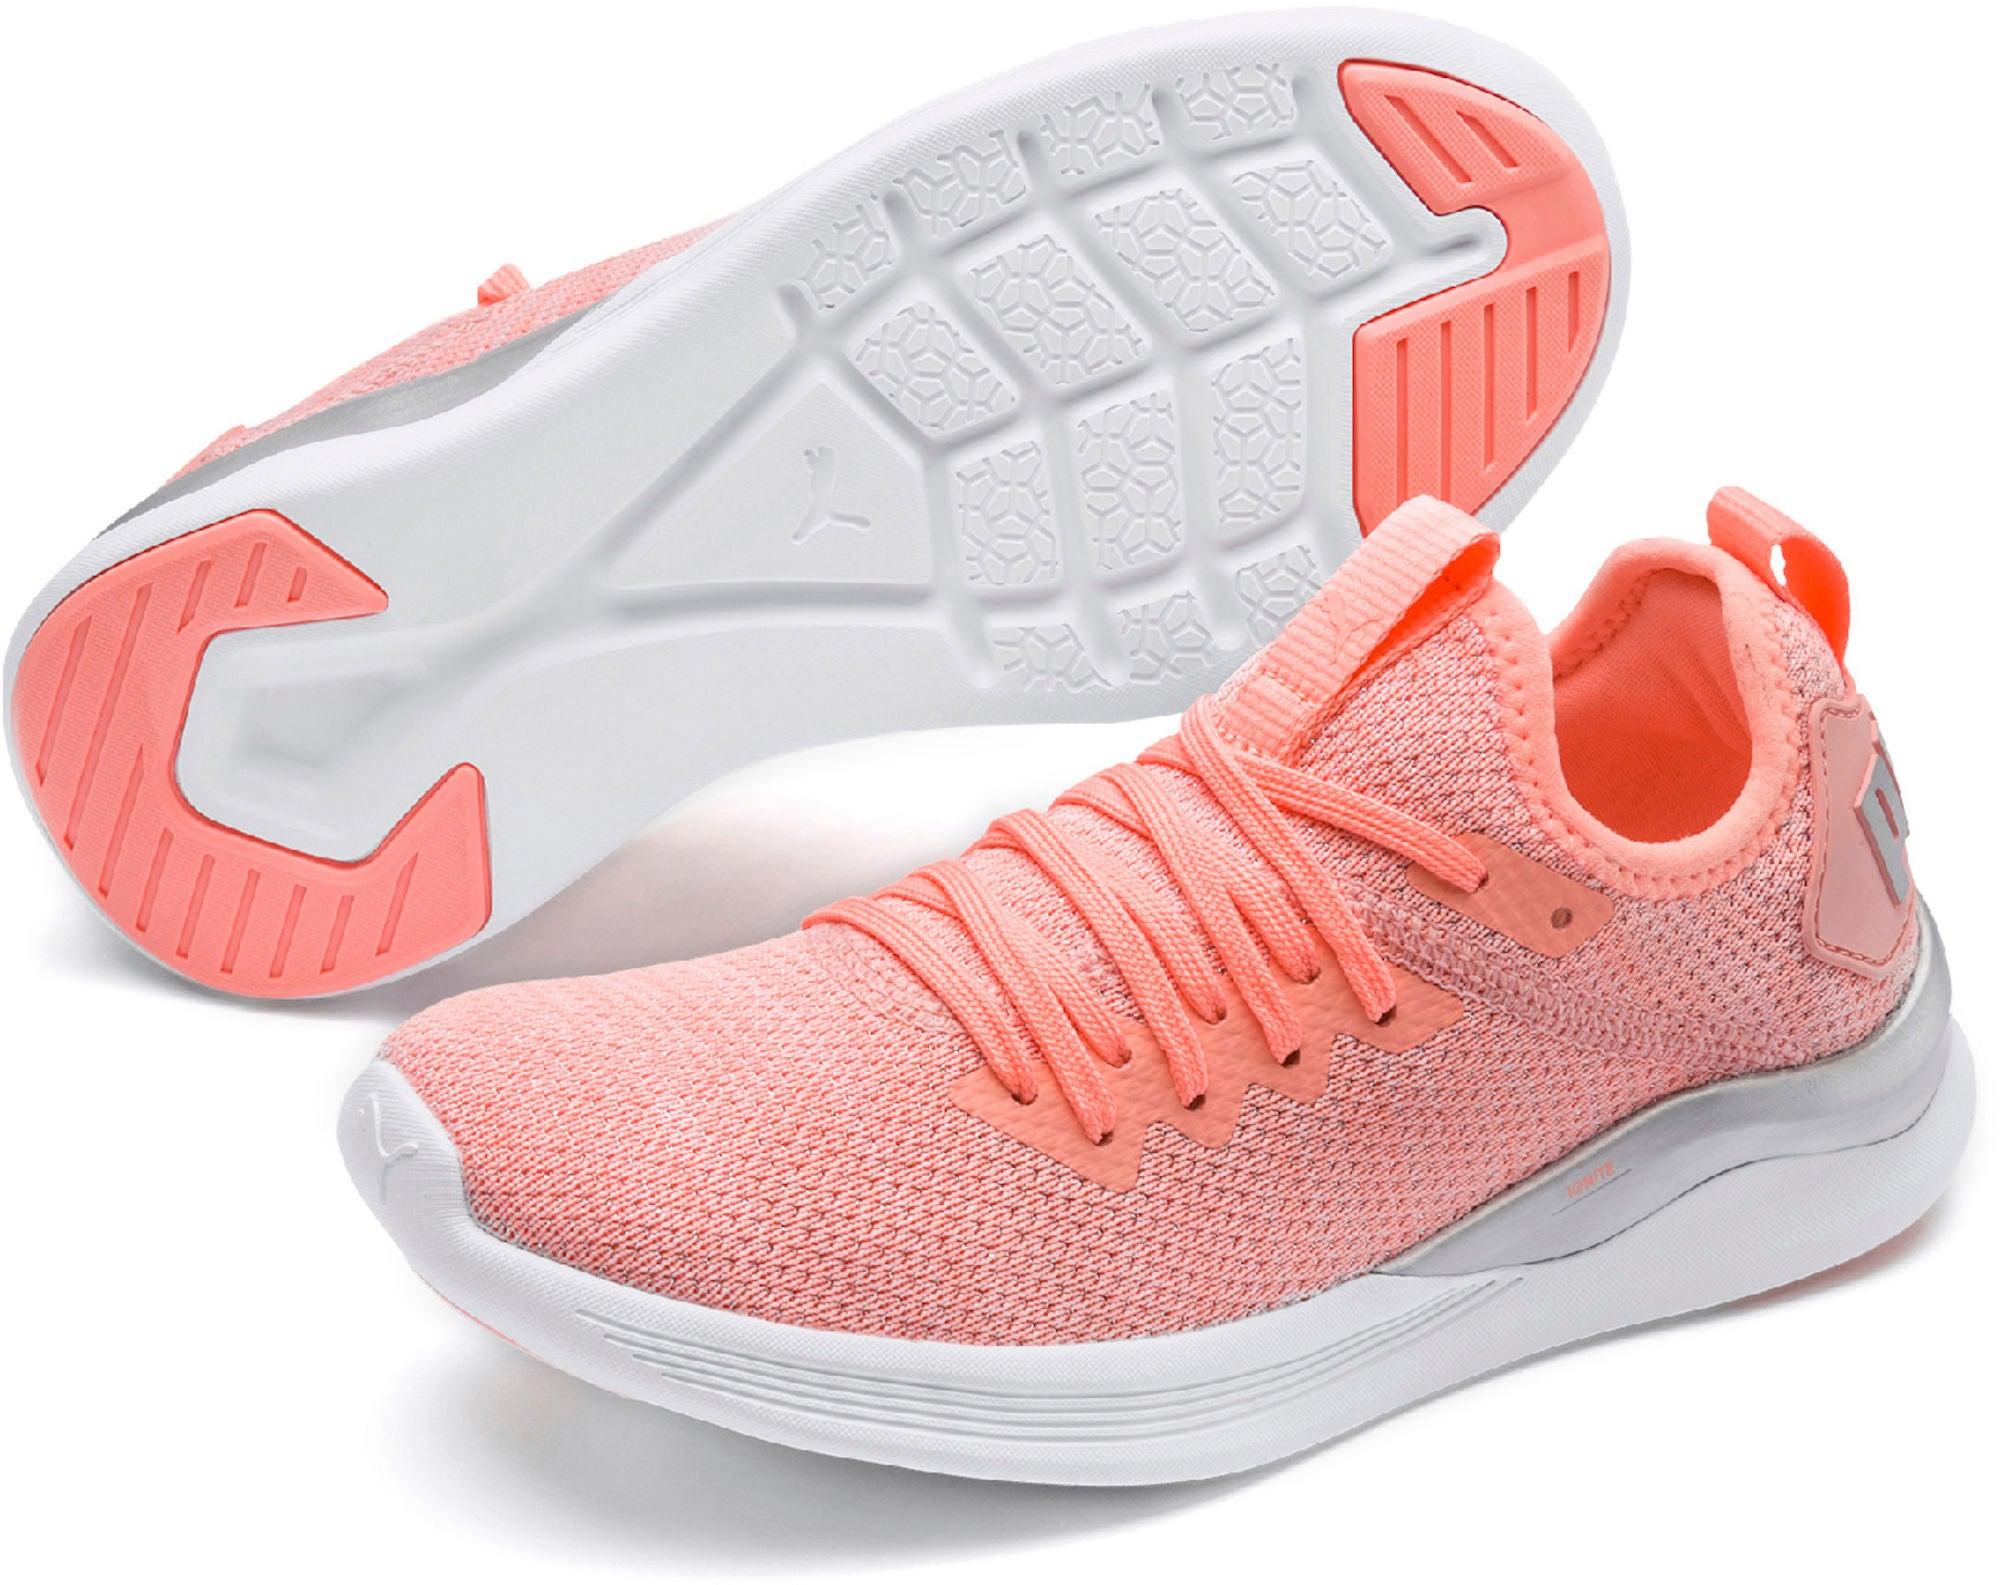 Kjøp Puma Ignite Flash Evoknit Metallic PS Sneaker, Pink